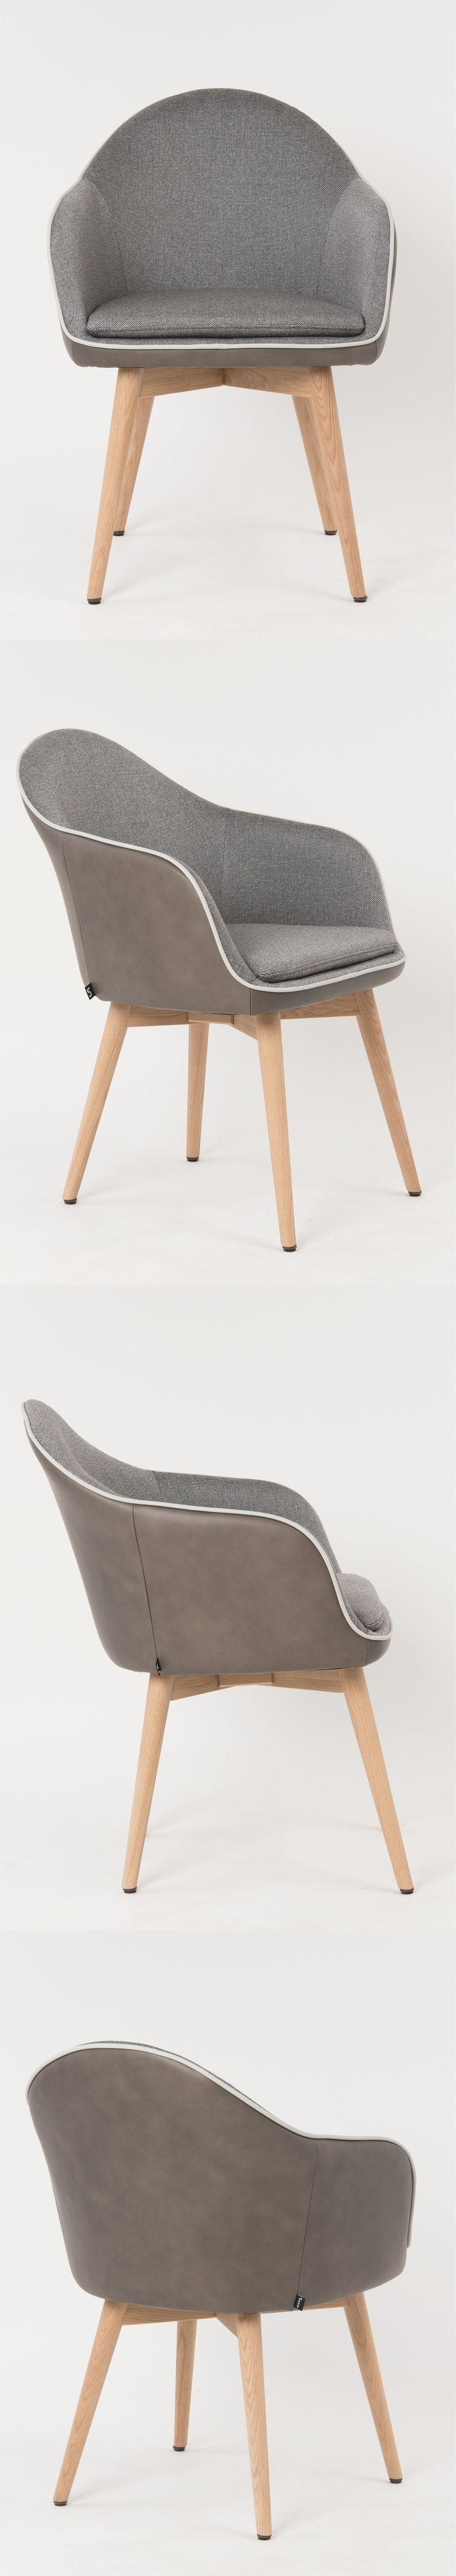 Polstersessel Tina maximale Bequemlichkeit geringes Gewicht Der Sessel Tina ist ein vielseitig einsetzbarer Allrounder für Gastronomie